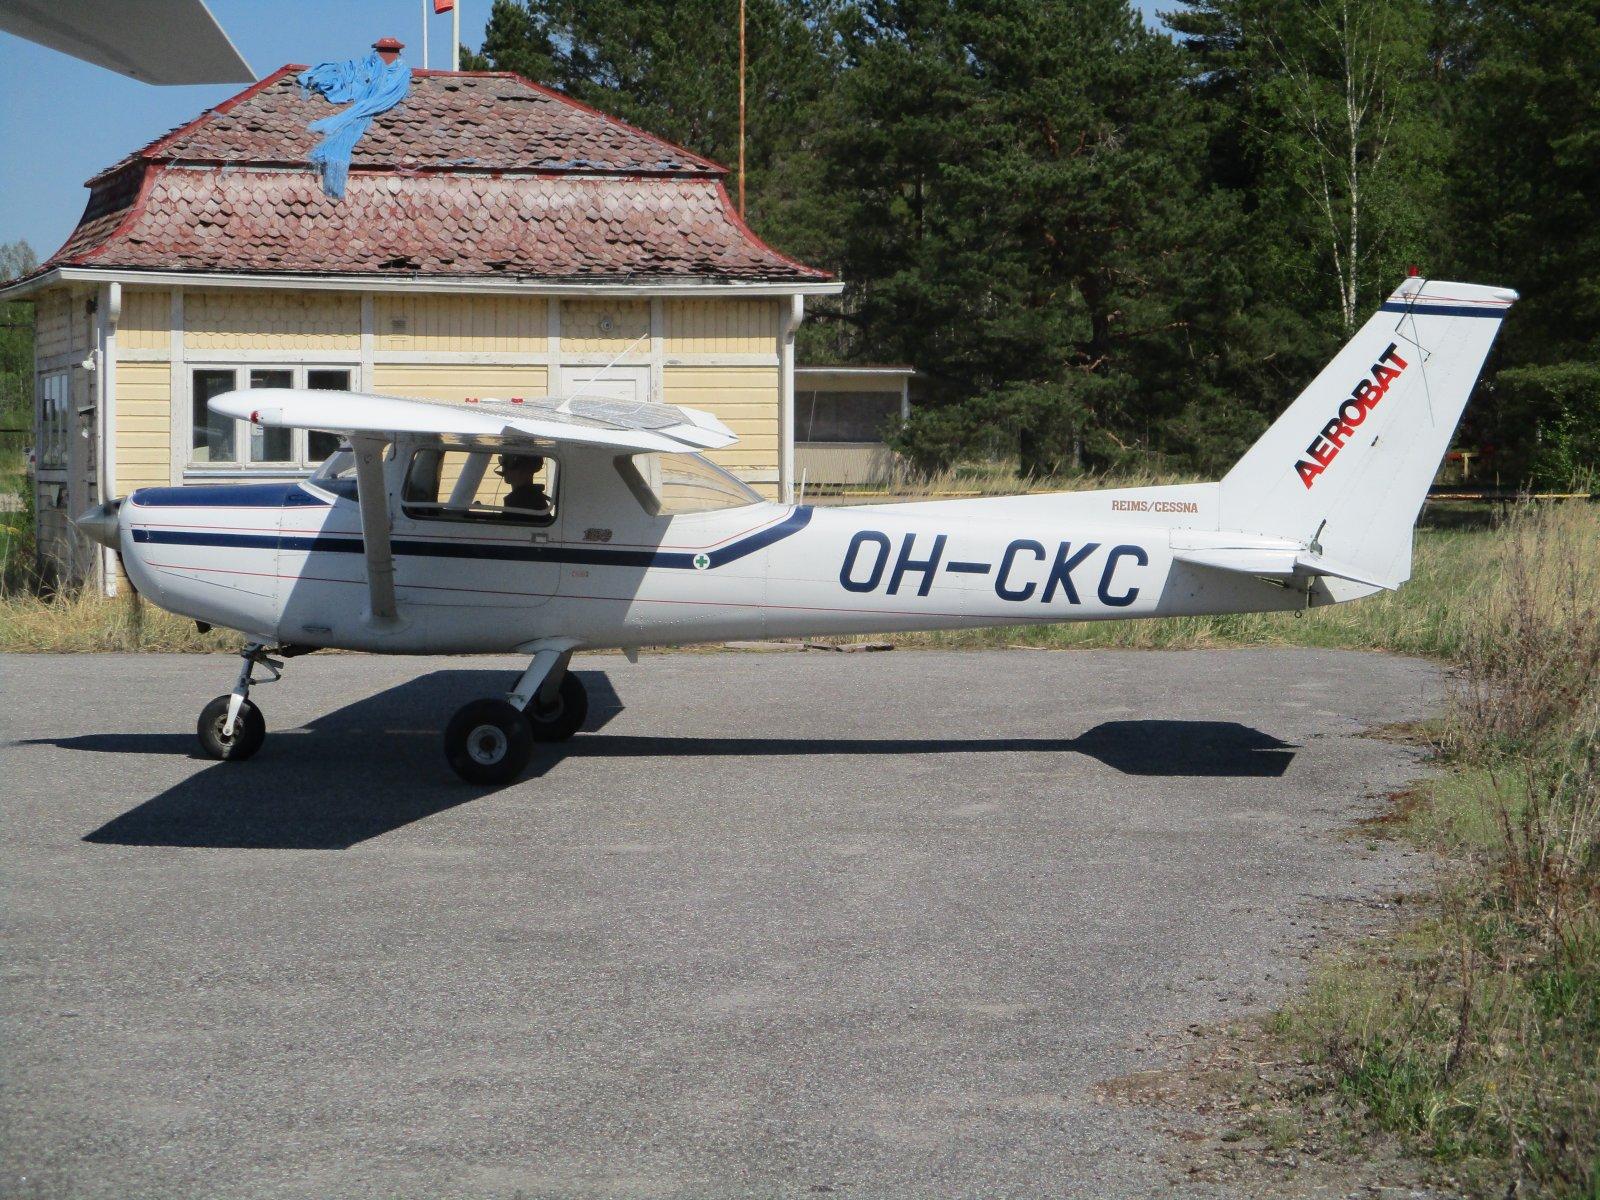 Reims/Cessna FA152 Aerobat OH-CKC EFHN 2018-05-14